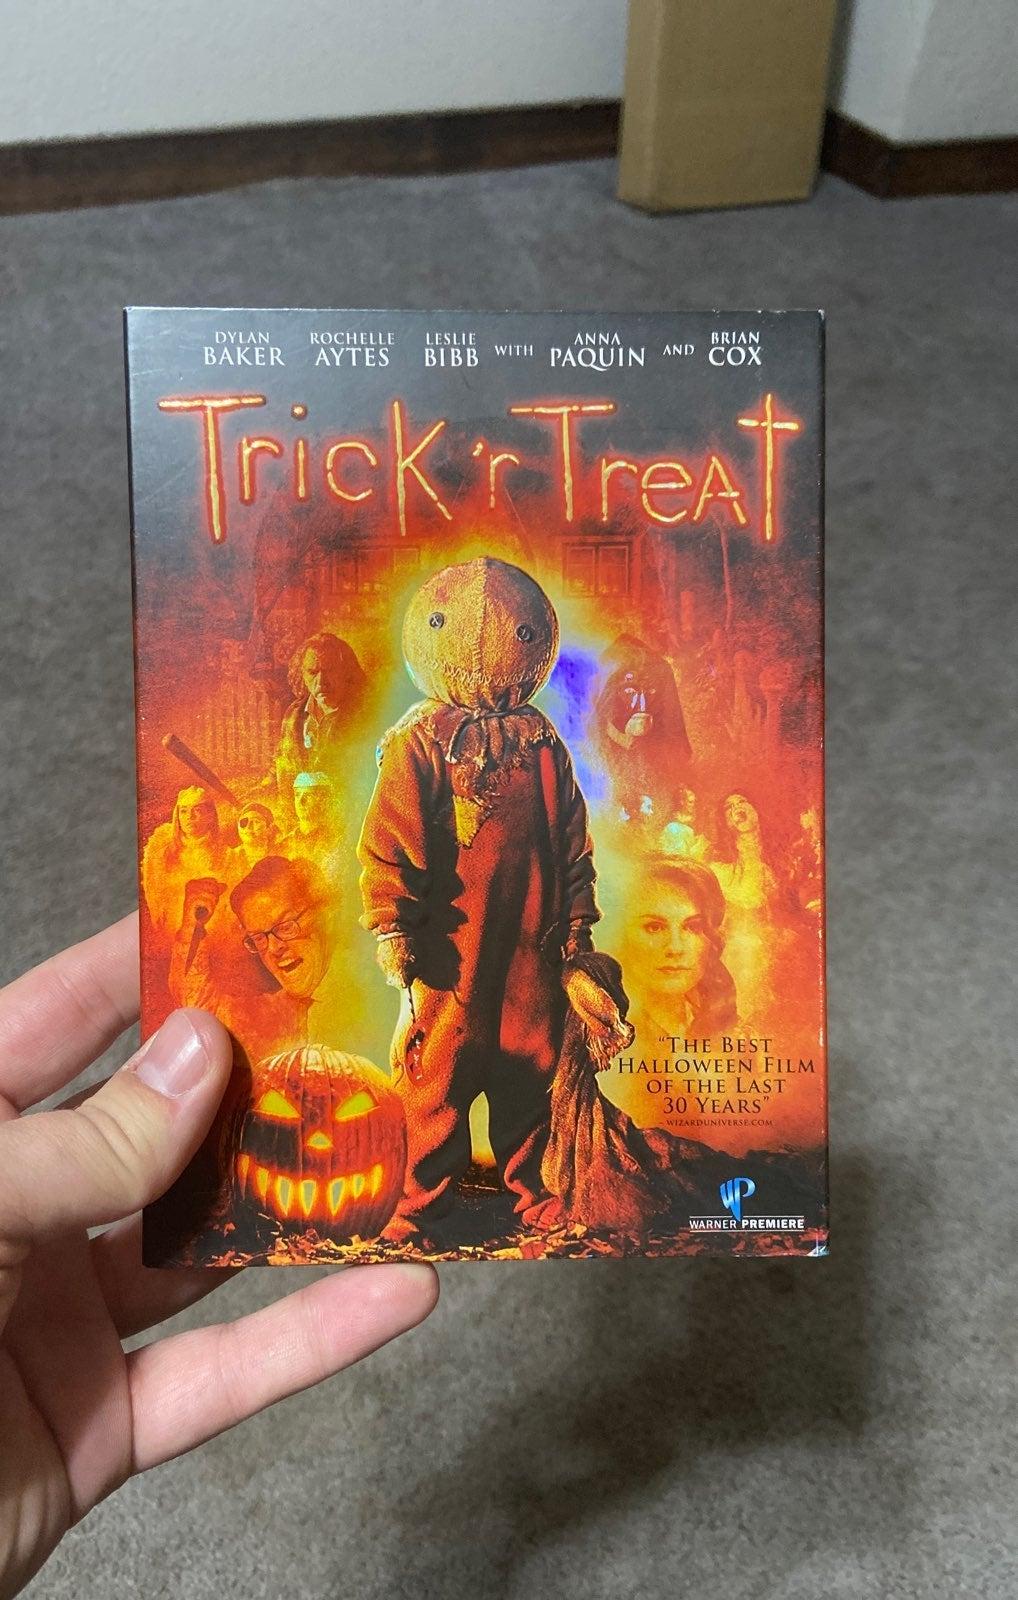 Trick 'r treat